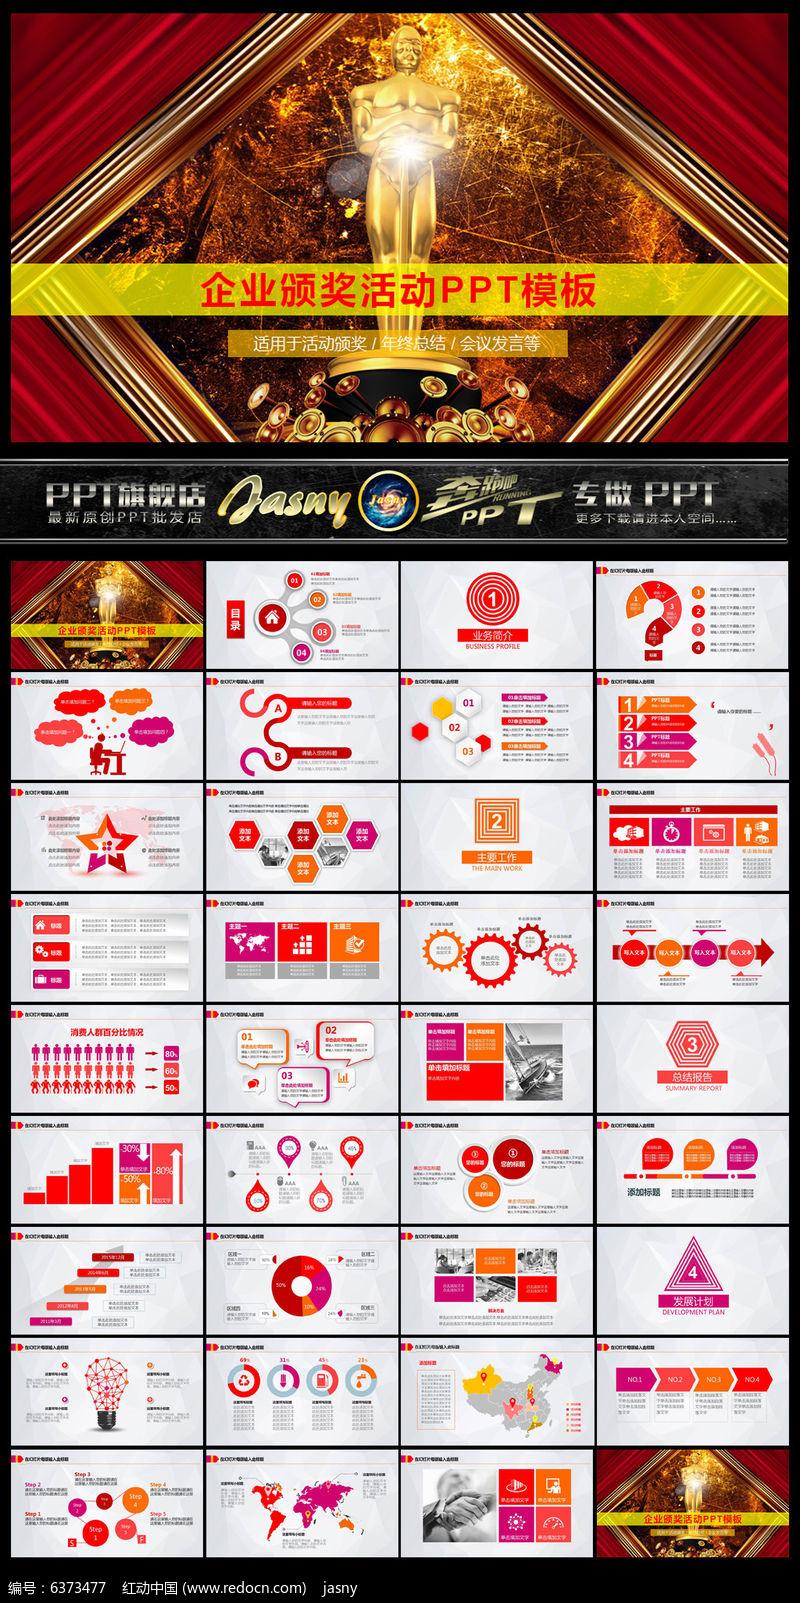 企业颁奖奥斯卡PPT模板图片